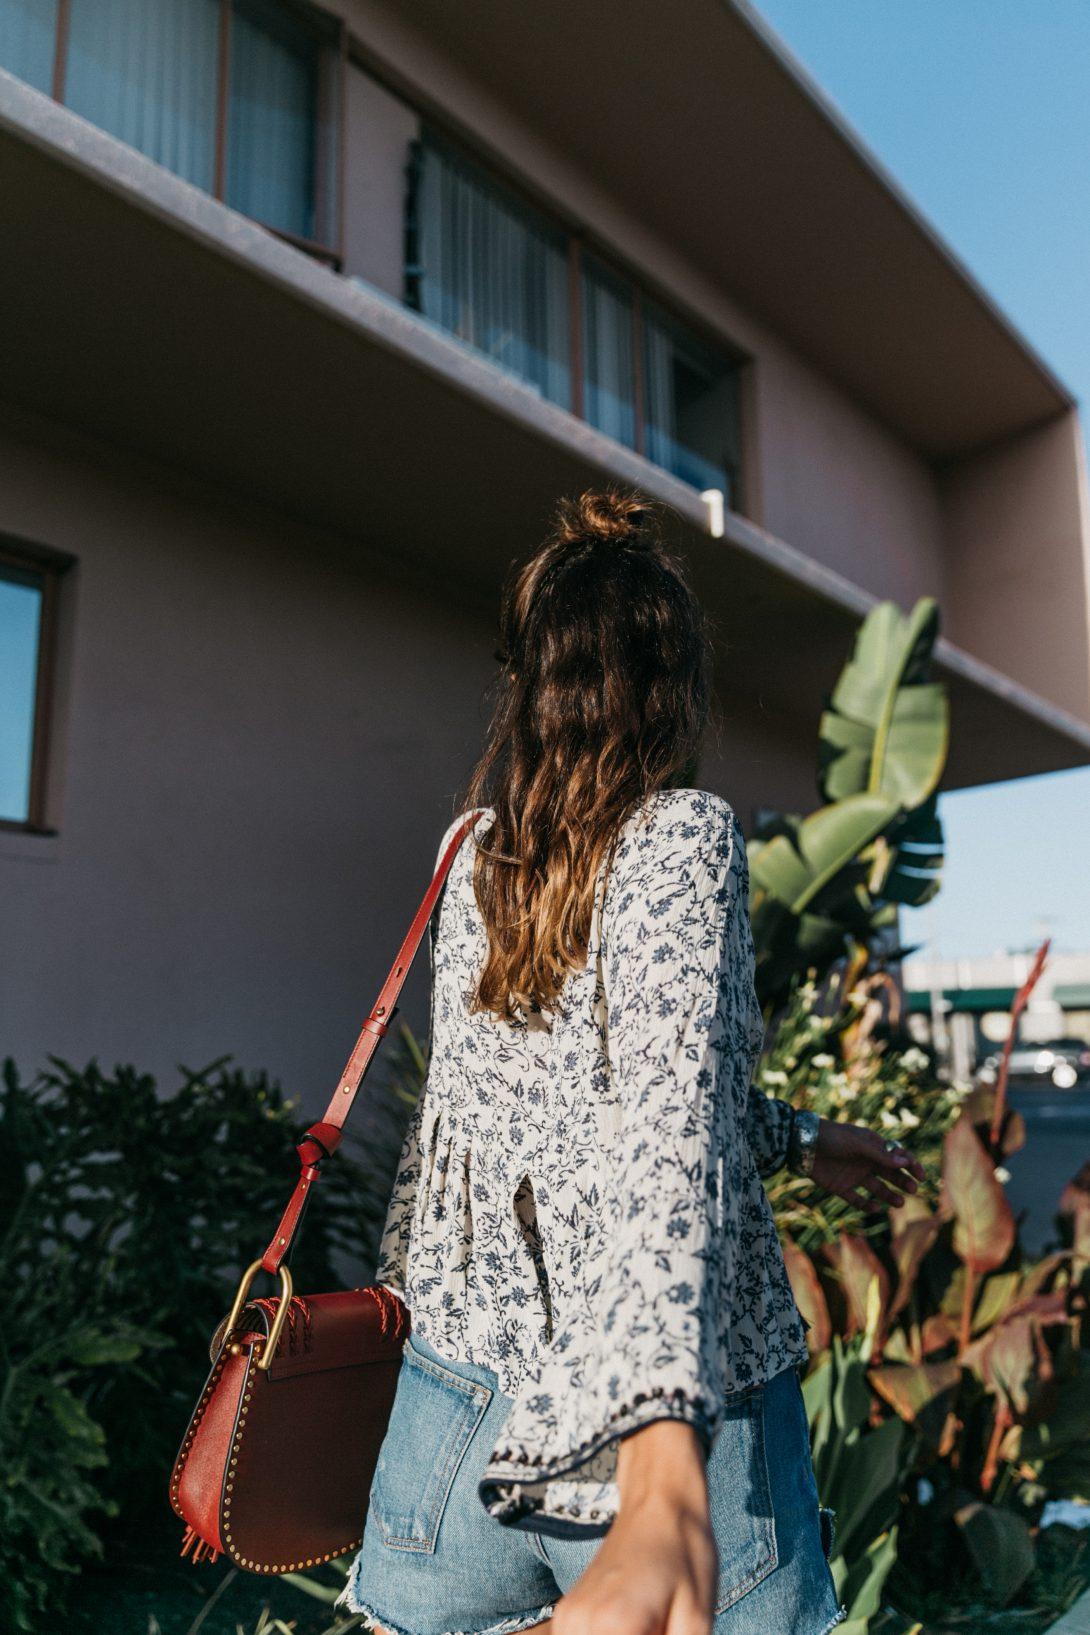 Boho_Top-GRFRND_Jeans-Chloe_Hudson_Bag-Espadrilles-Los_Angeles-Outfit-Collage_Vintage--23